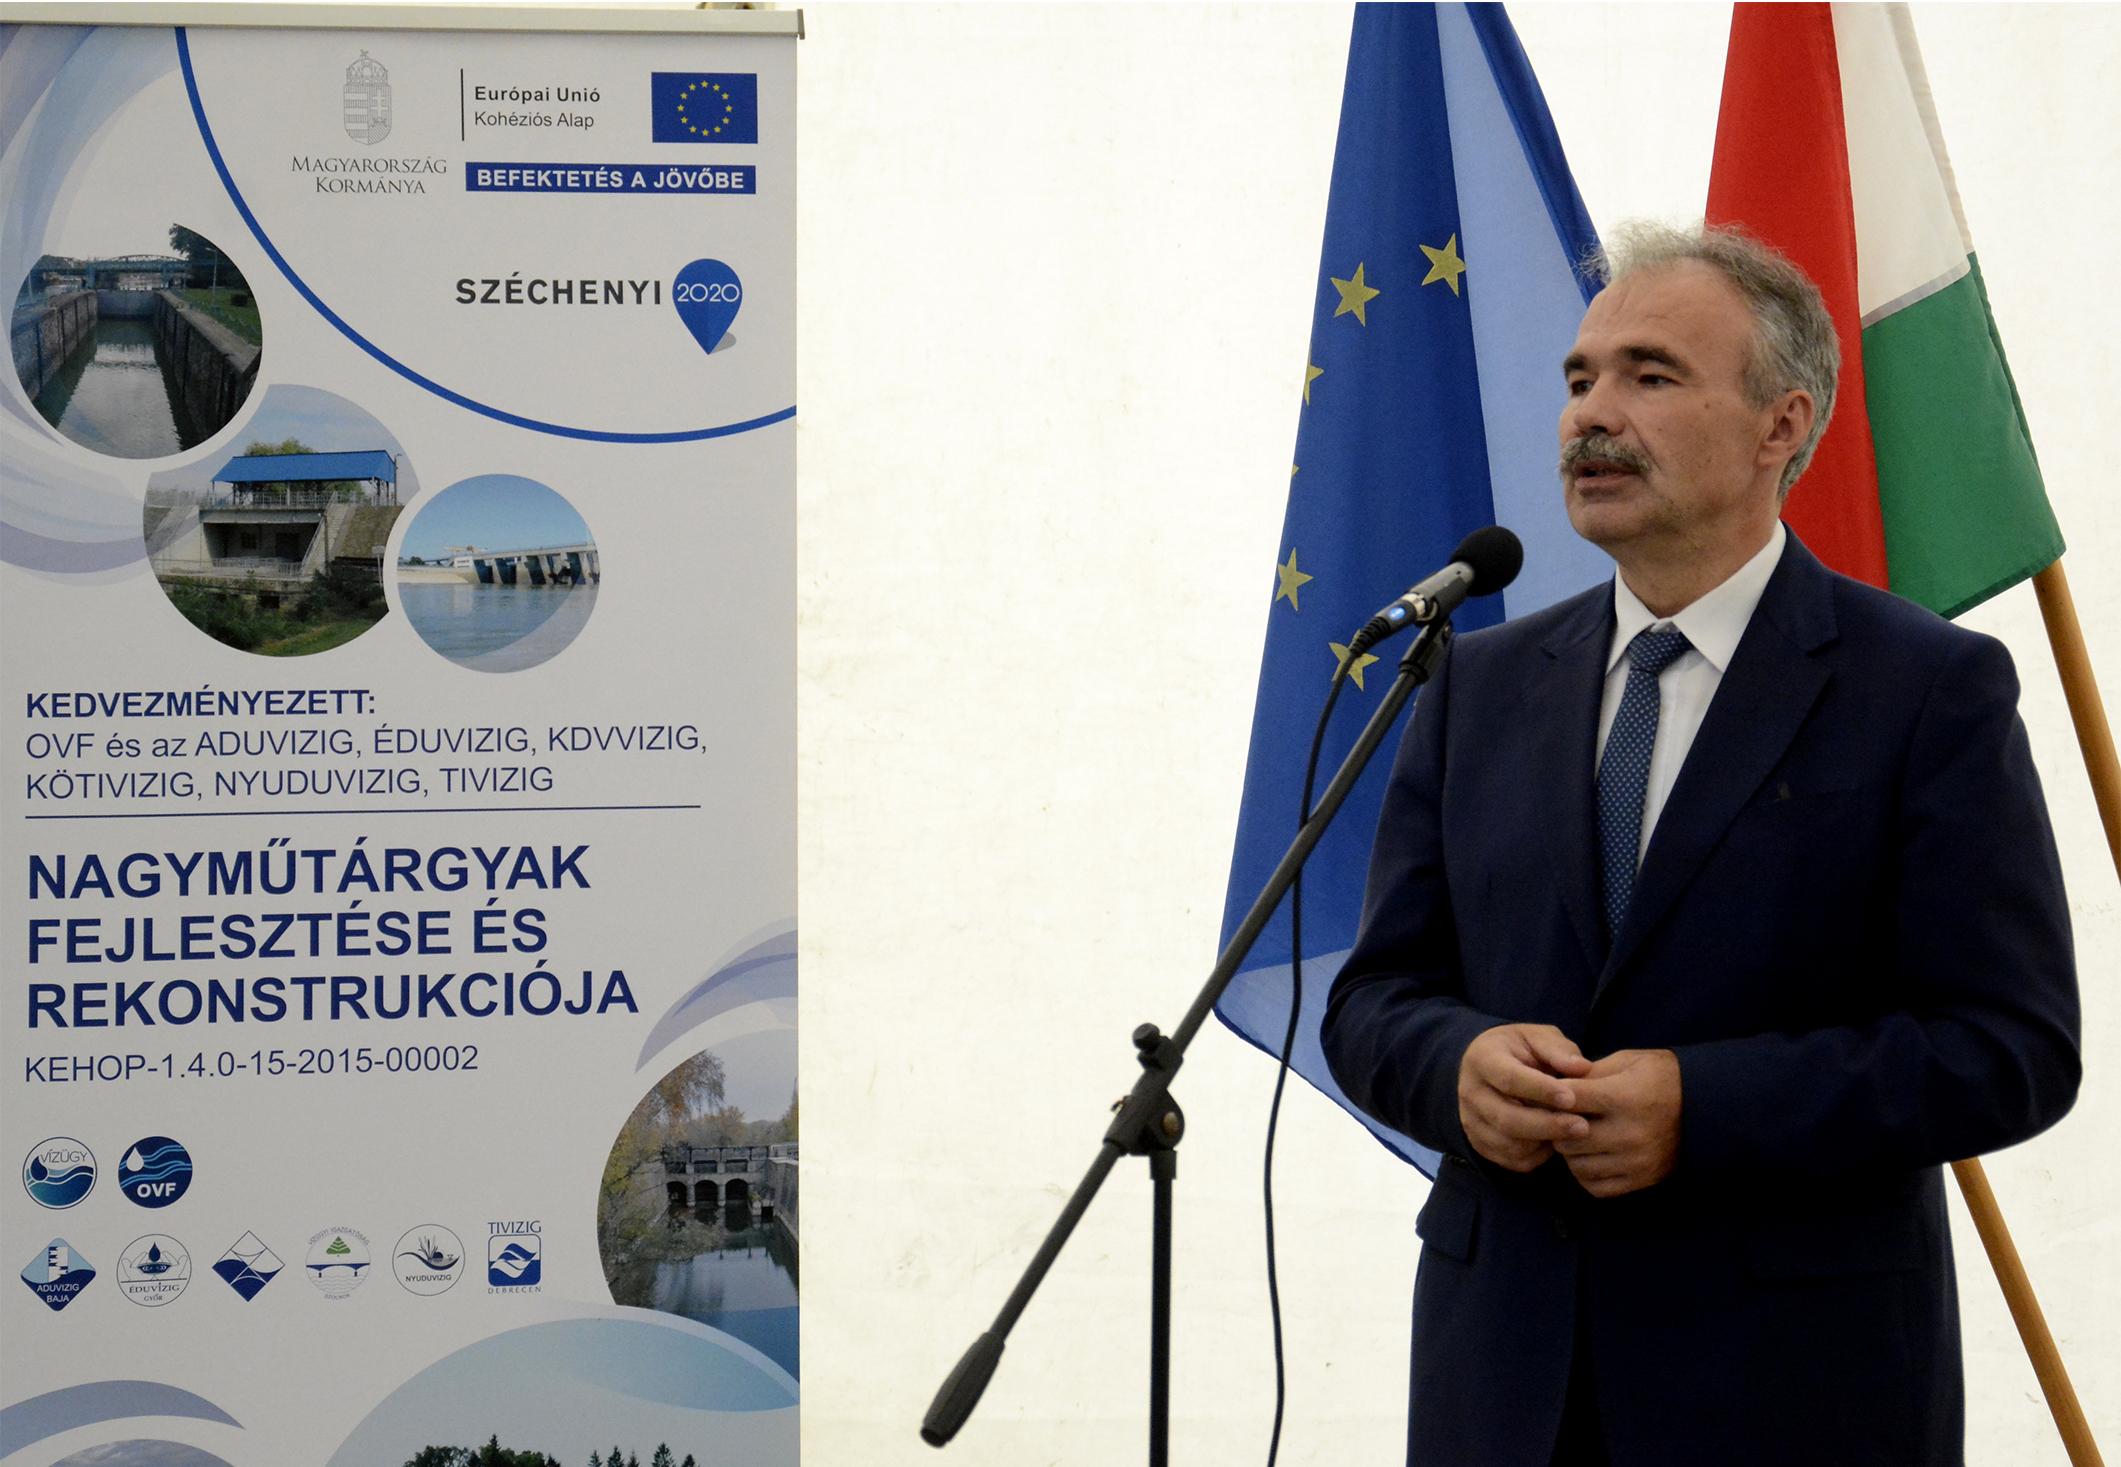 árvízvédelmi és vízvédelmi fejlesztés projektnyitó Dunakilitin - Nagy István miniszter, országgyűlési képviselő 9